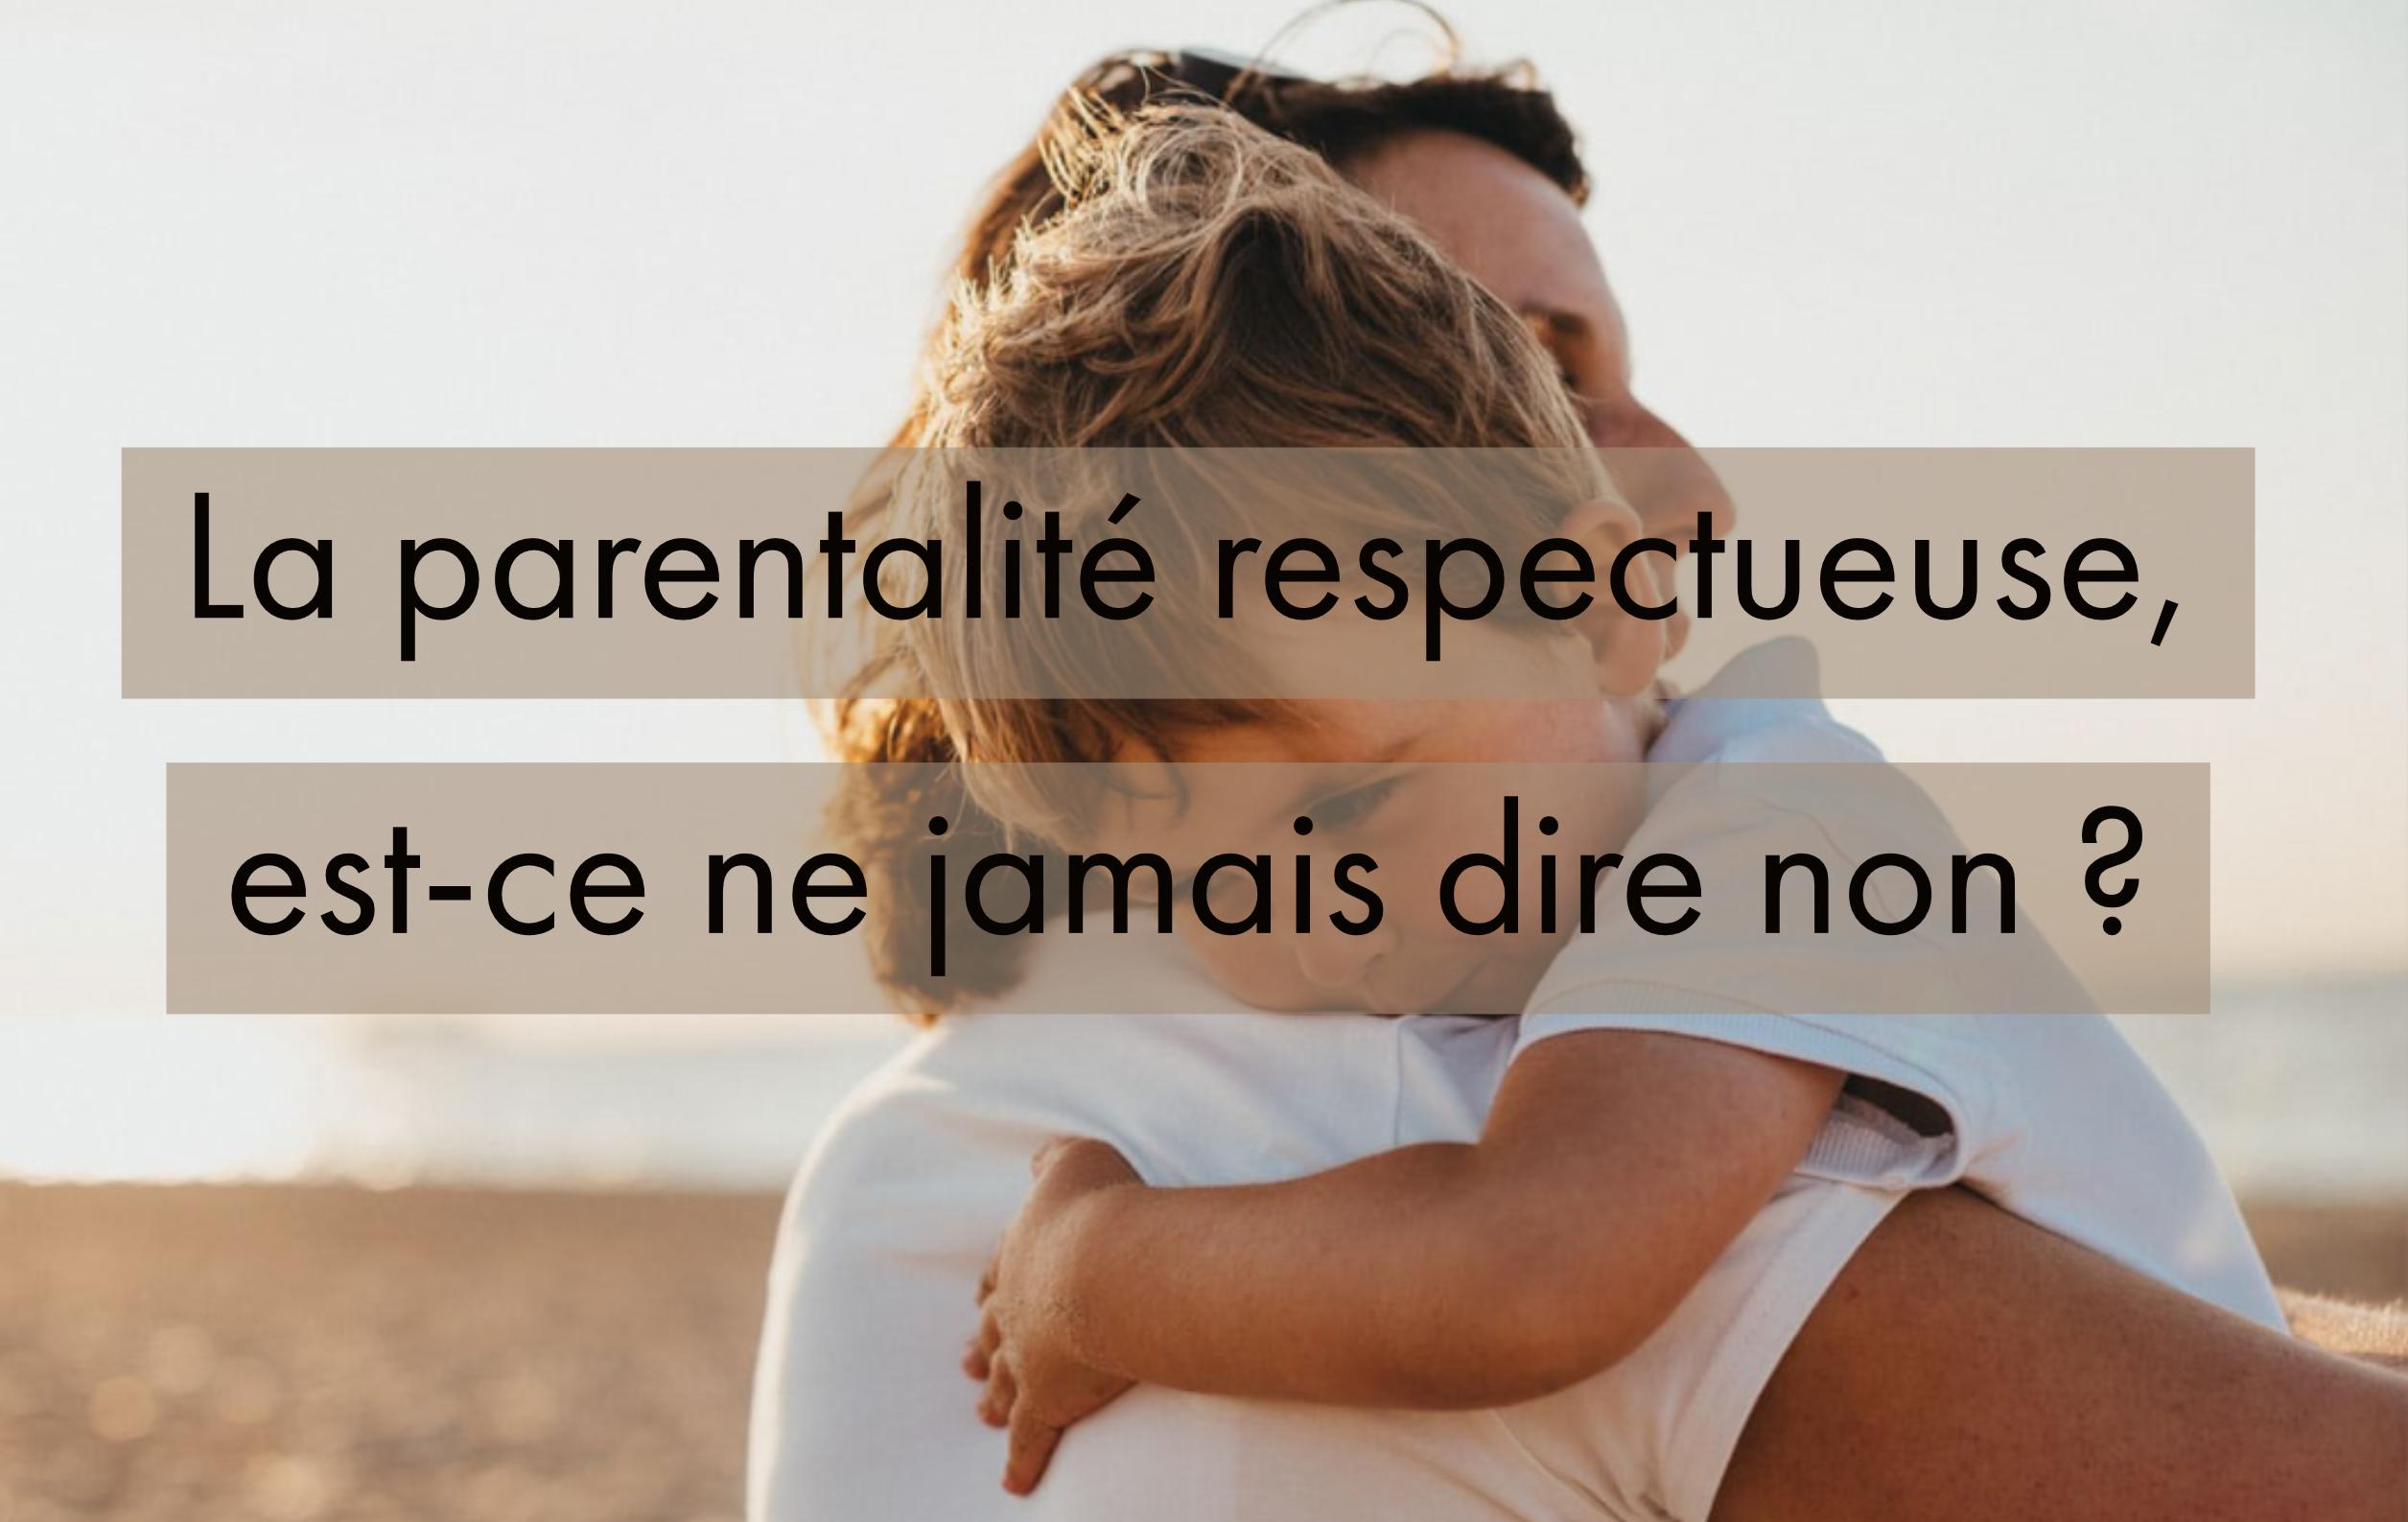 La parentalité respectueuse, est-ce ne jamais dire non ?